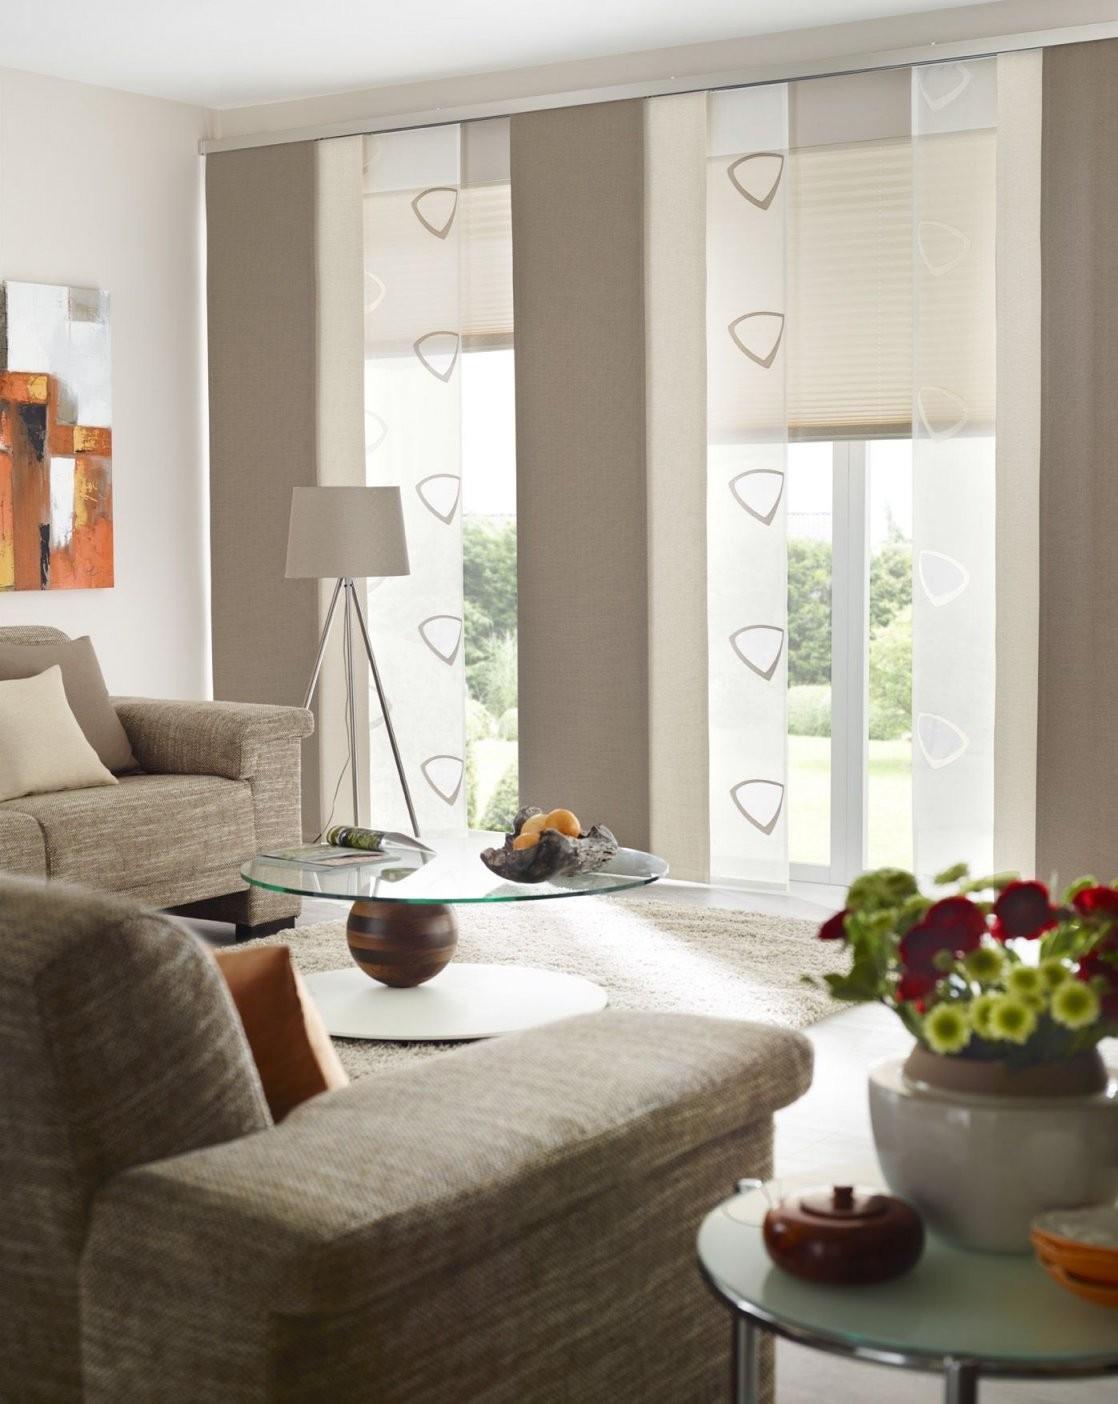 Fenster Urbansteel Gardinen Dekostoffe Vorhang Wohnstoffe von Plissee Und Gardinen Kombinieren Photo